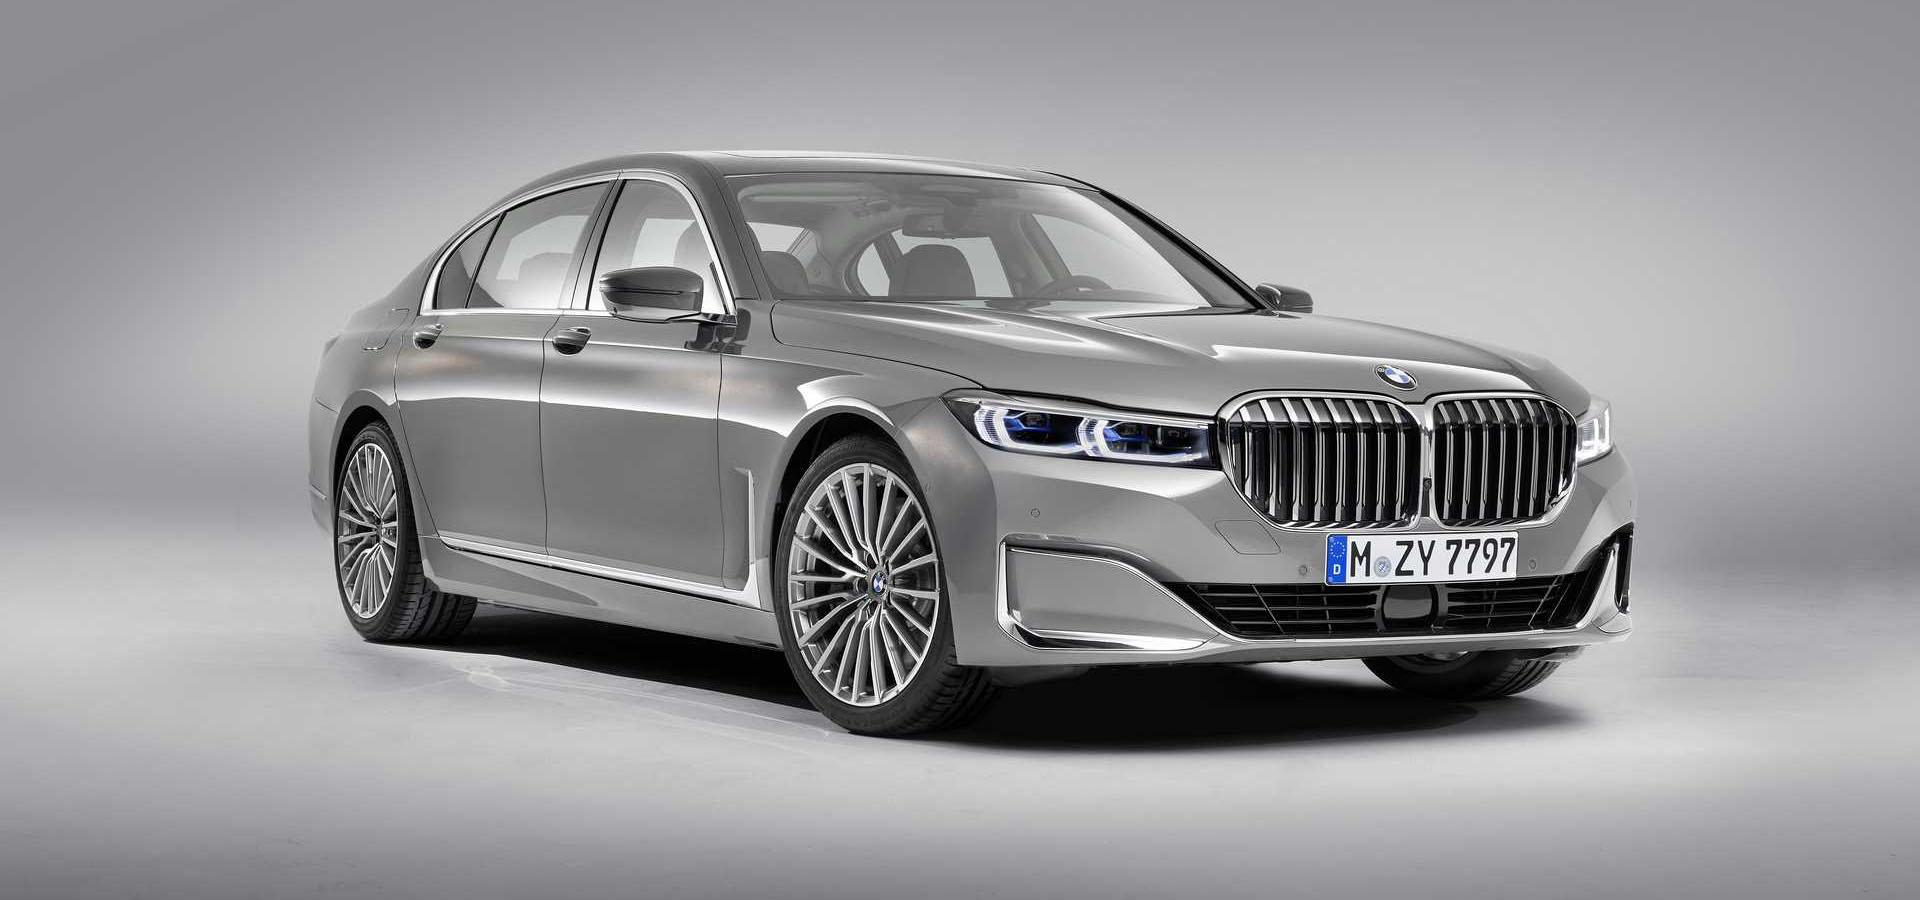 BMW 7 Series thế hệ mới sẽ có thêm bản chạy điện hoàn toàn - 3